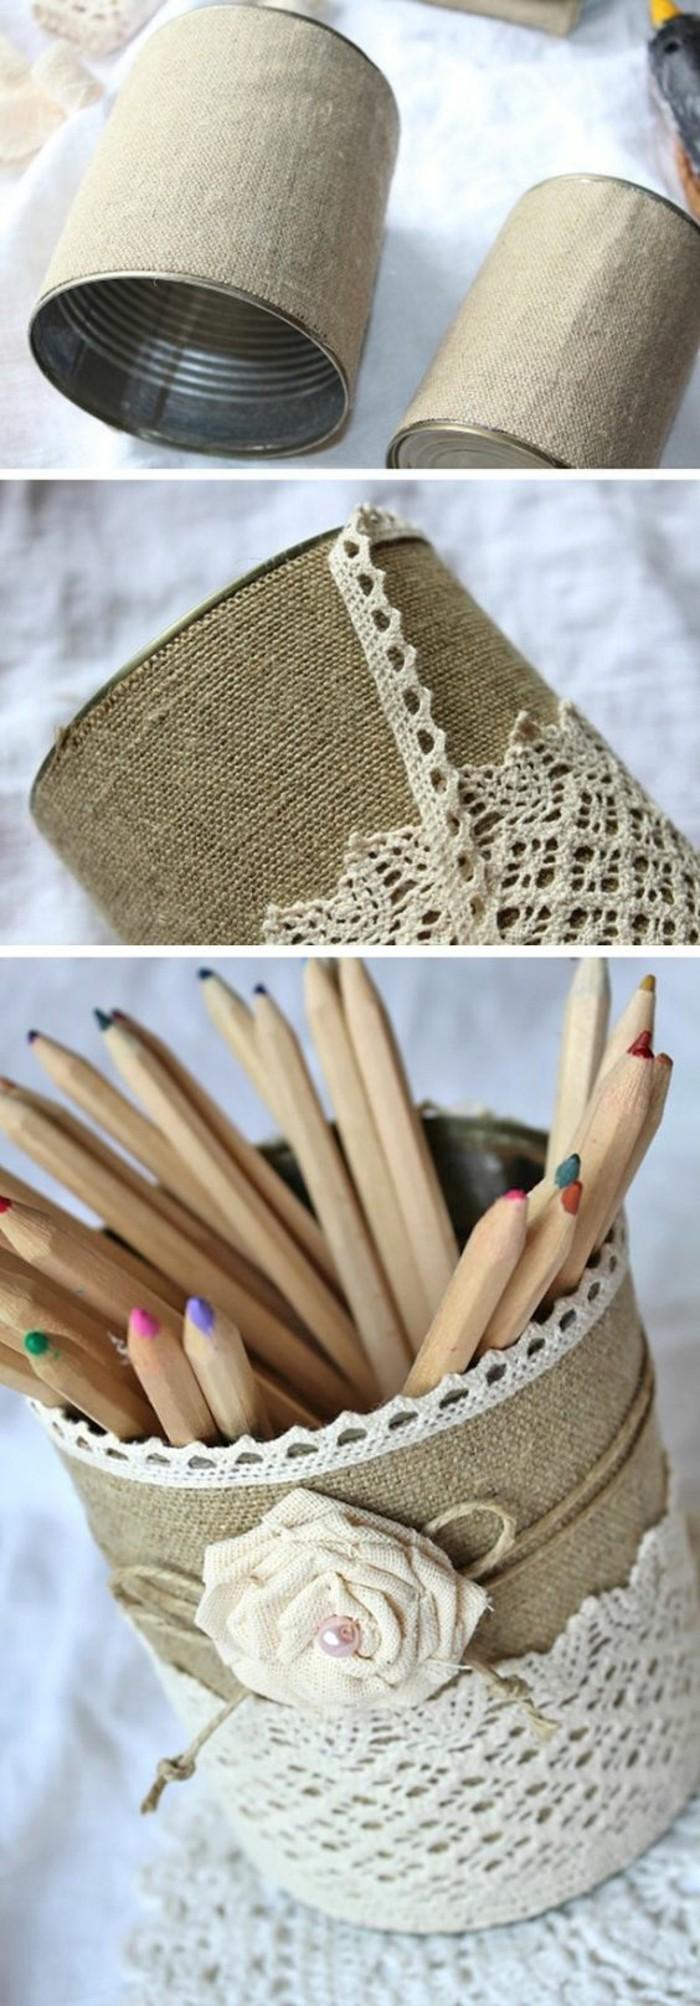 preciosas ideas de manualidades con latas para decorar la casa